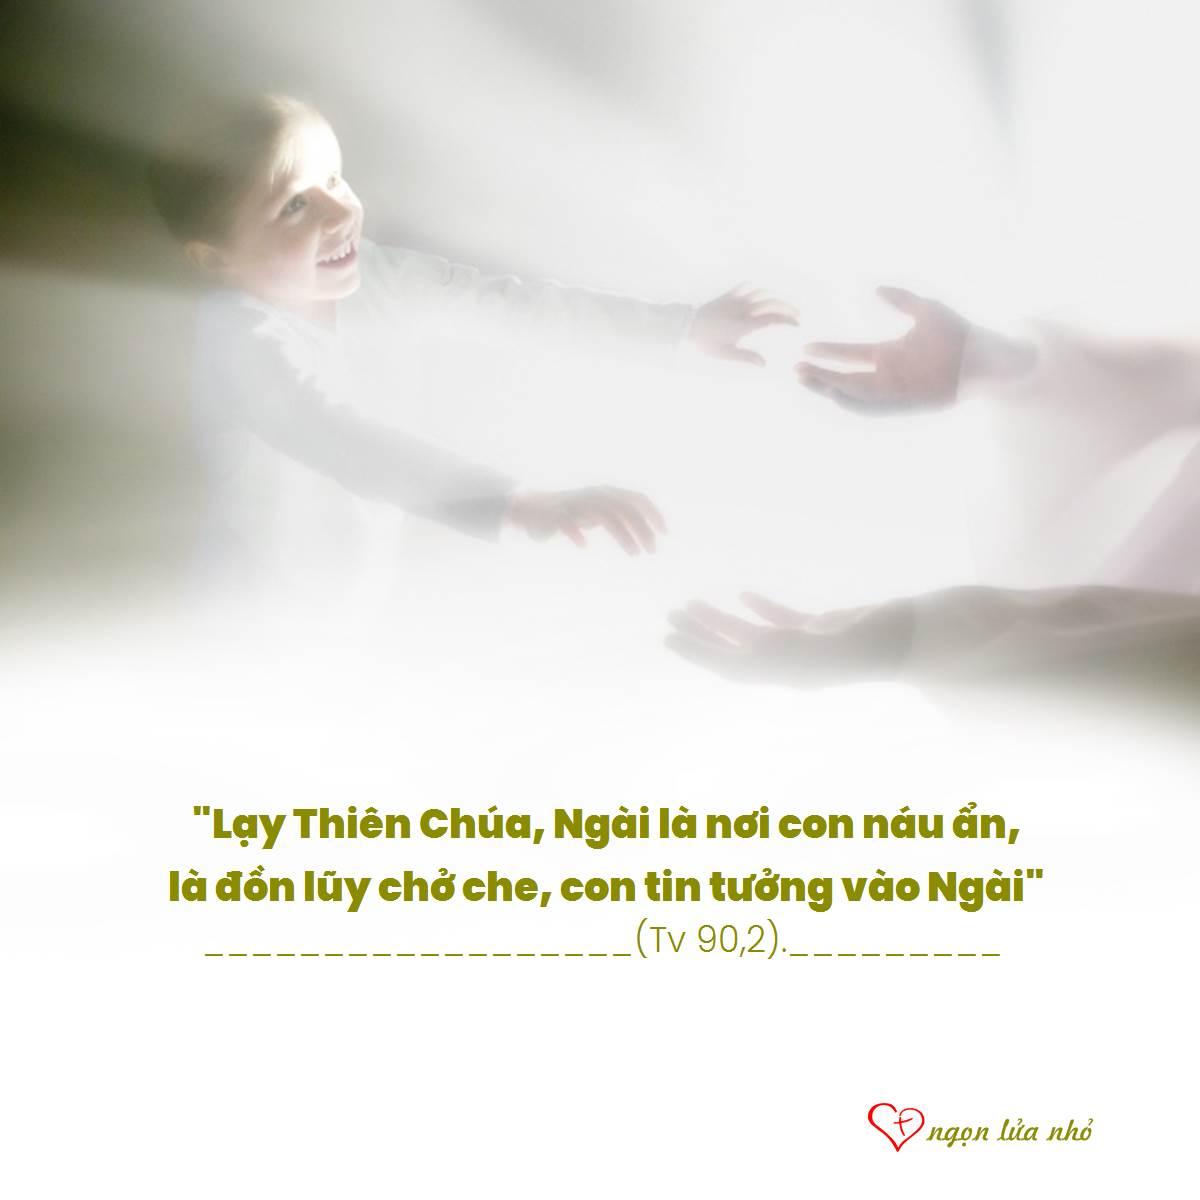 Lạy Thiên Chúa, Ngài là nơi con náu ẩn,là đồn lũy chở che, con tin tưởng vào Ngài.